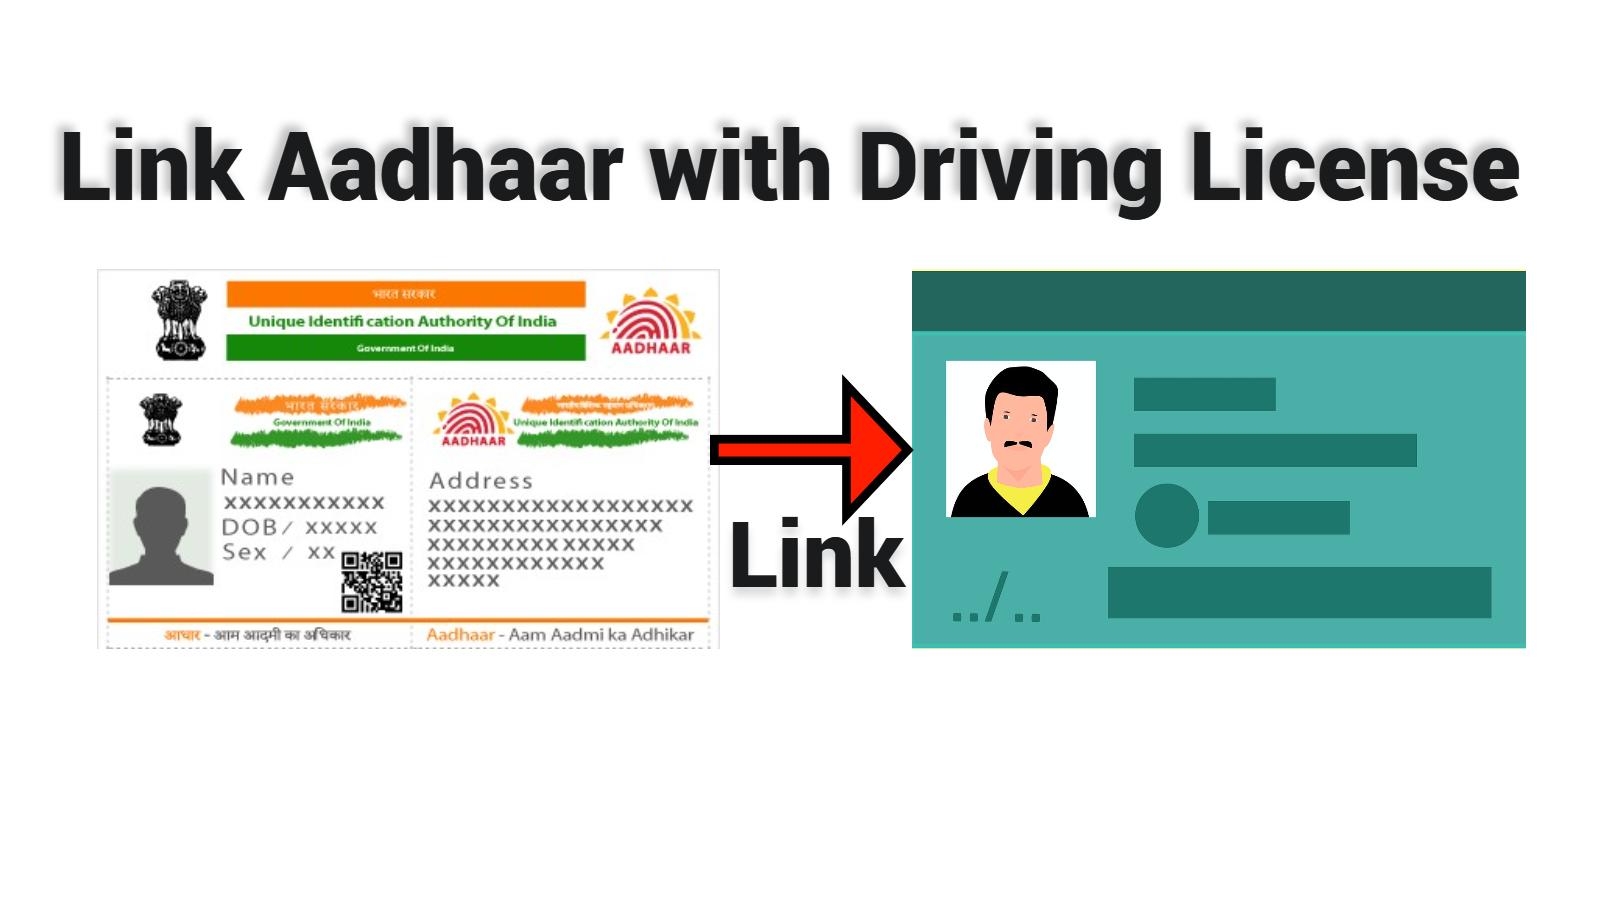 link Aadhaar and Driving License